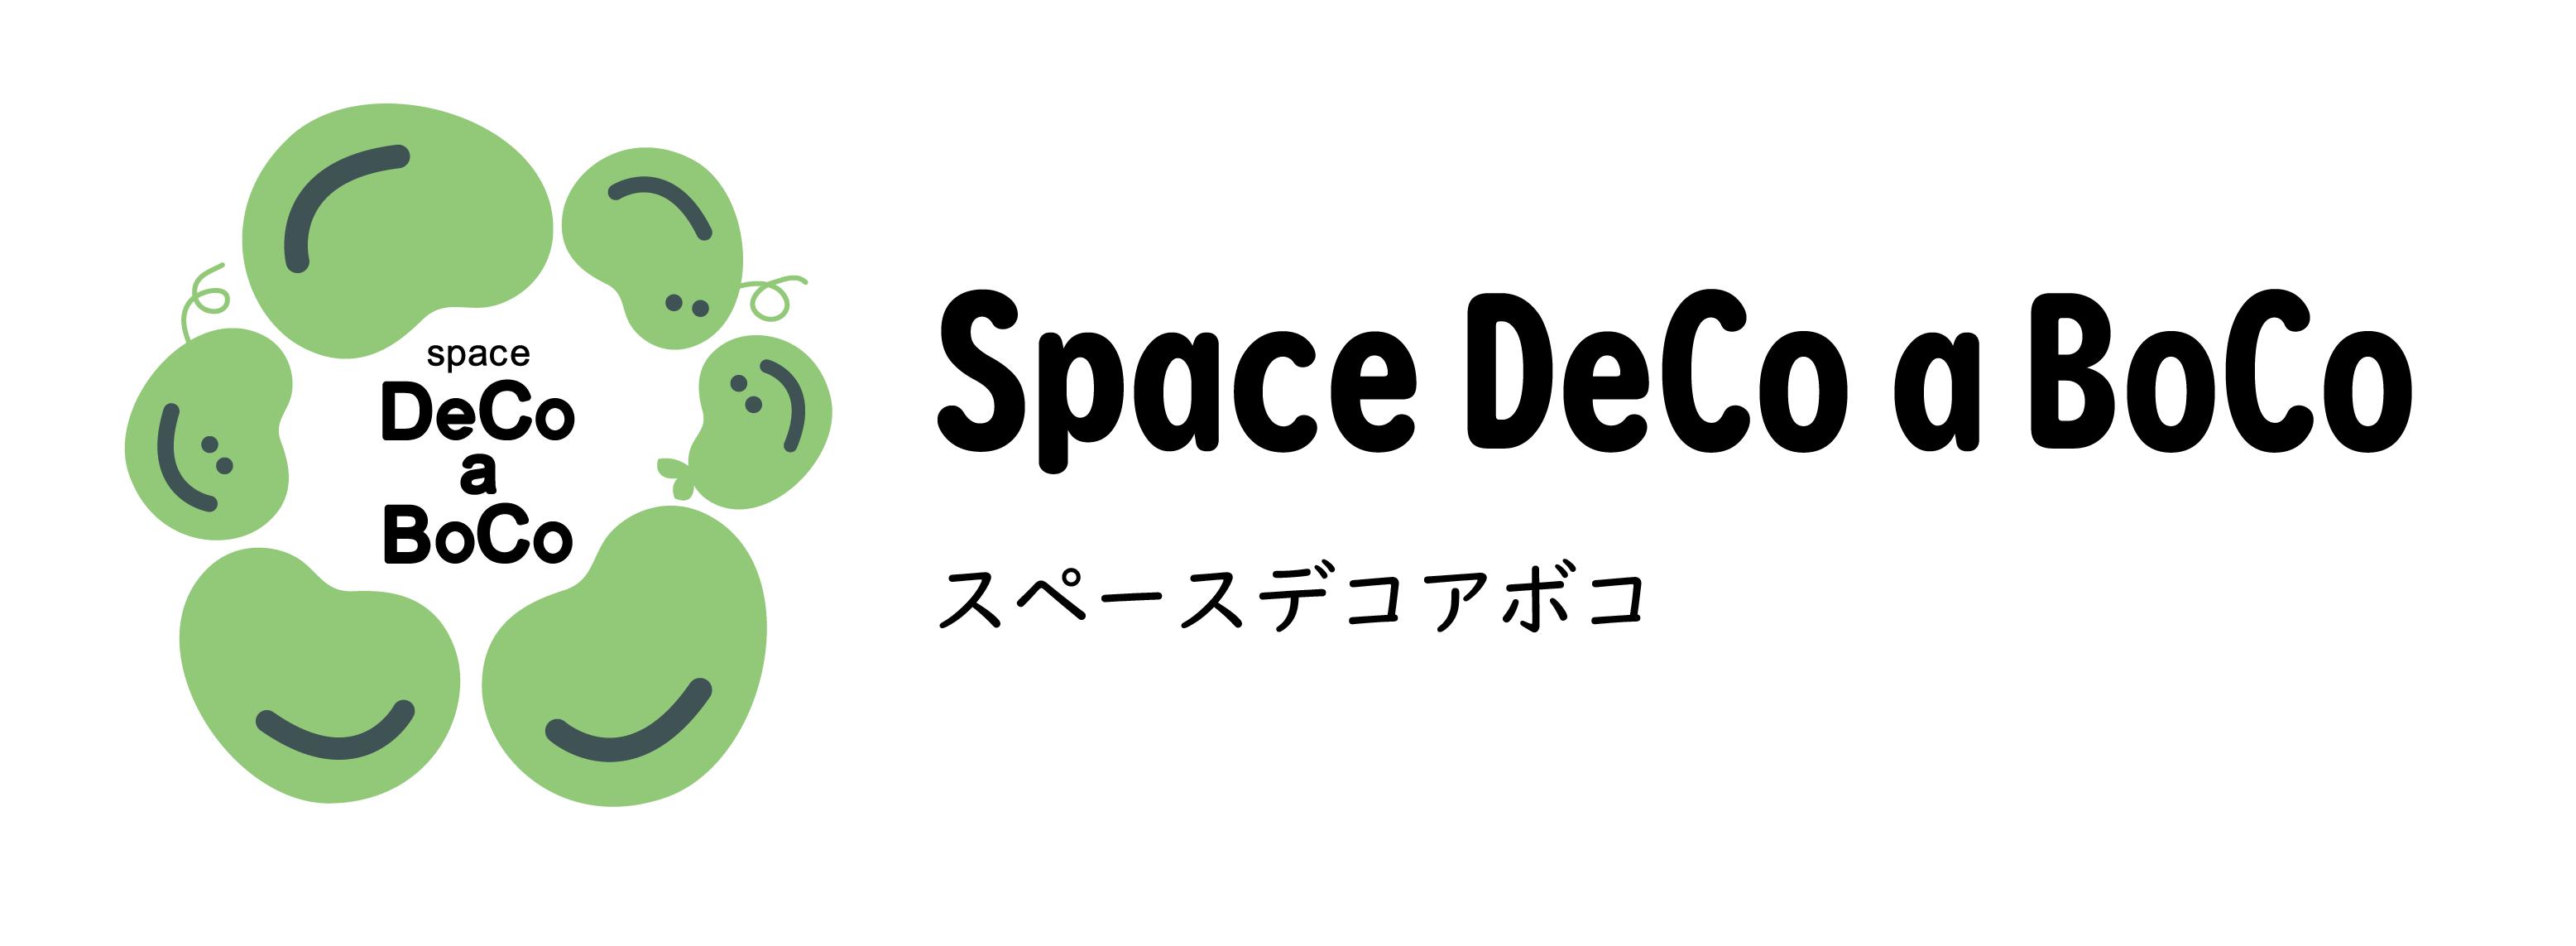 Space DeCo a BoCo